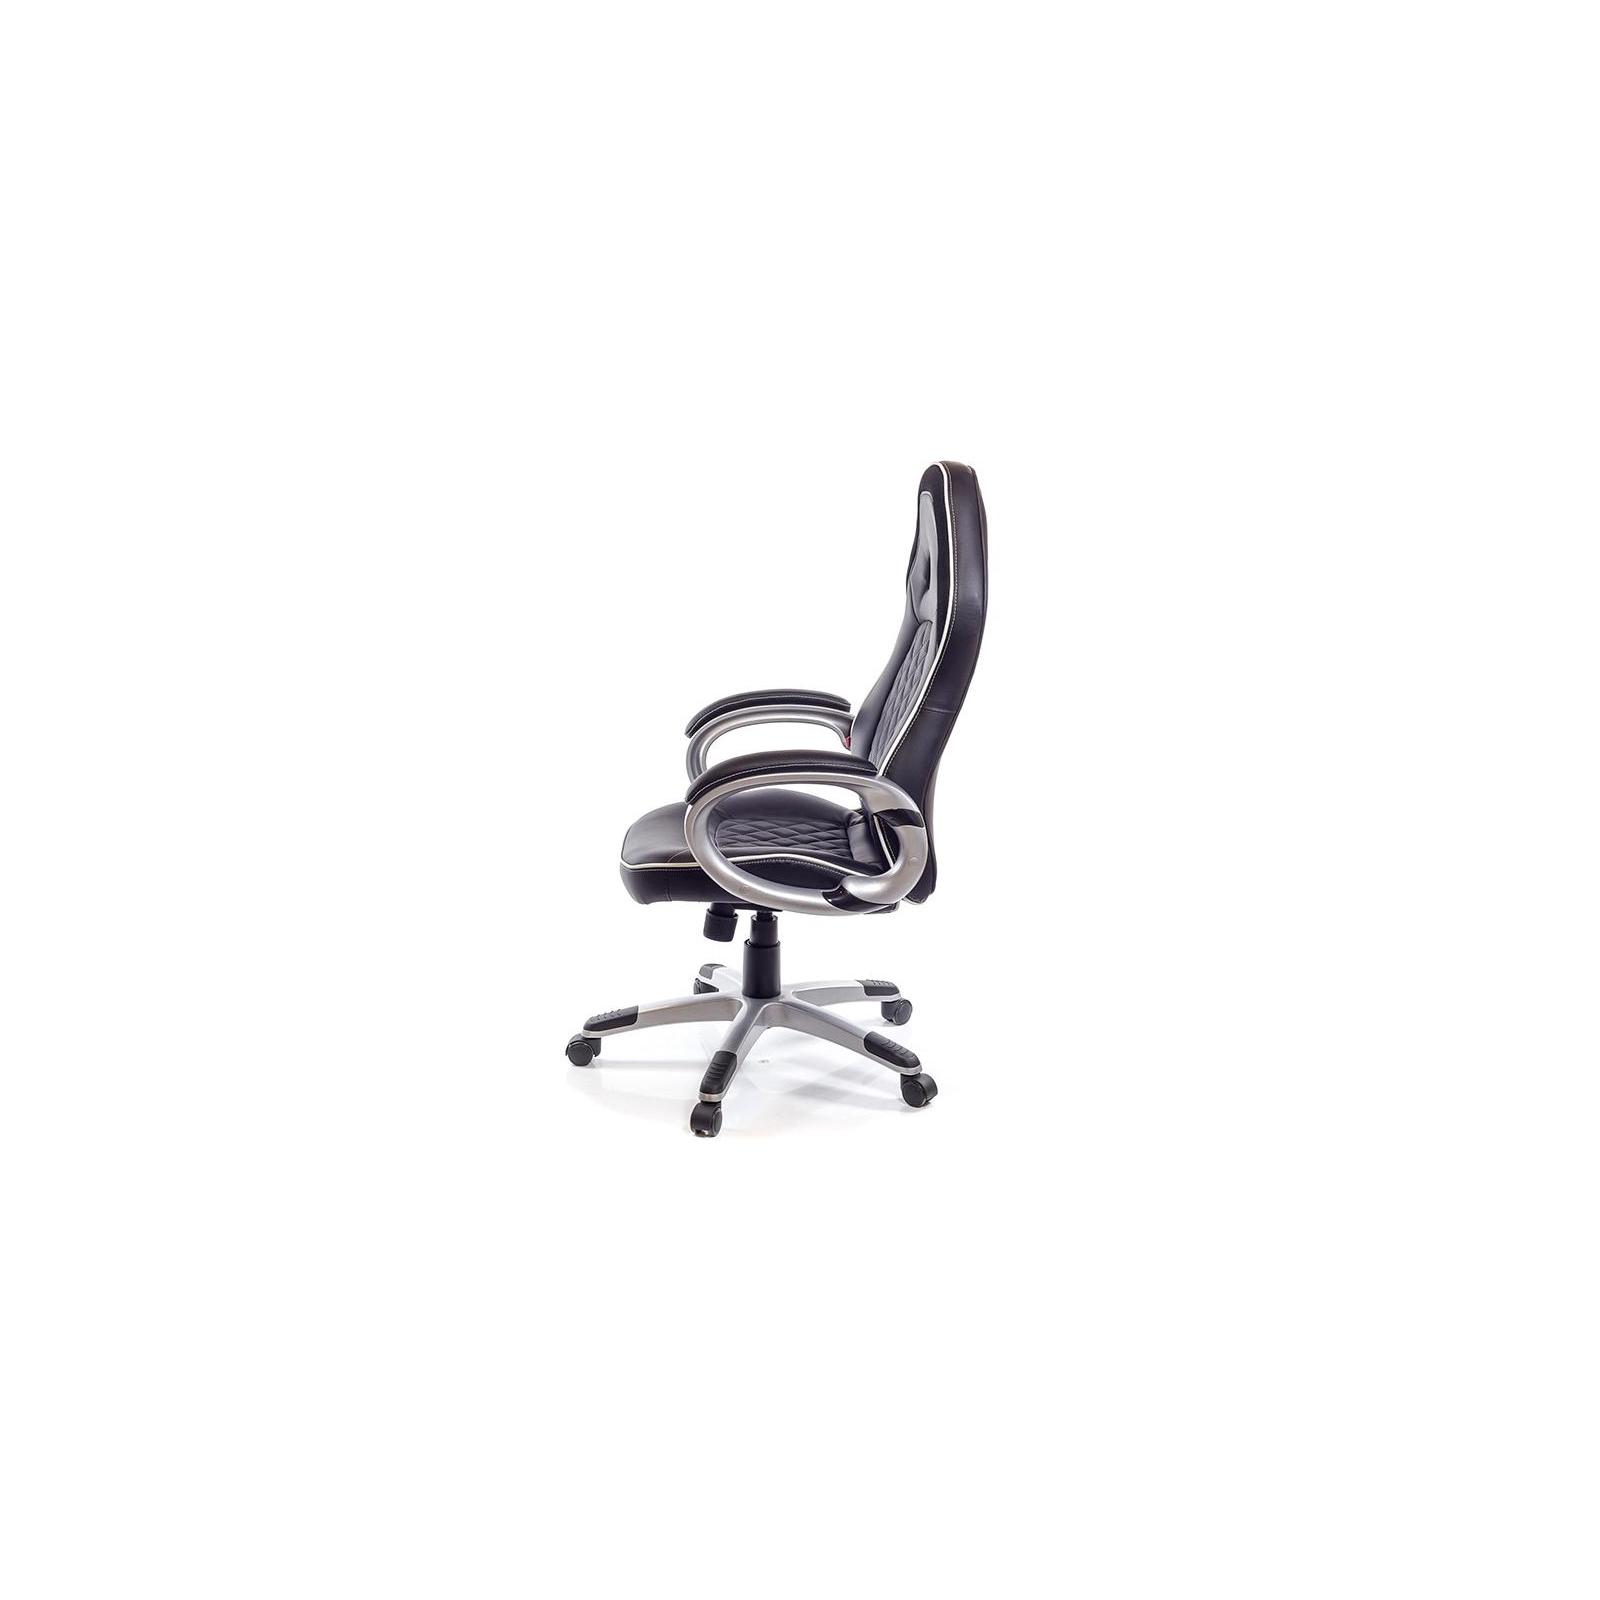 Кресло игровое АКЛАС Блиц PL TILT Черное (07354) изображение 3